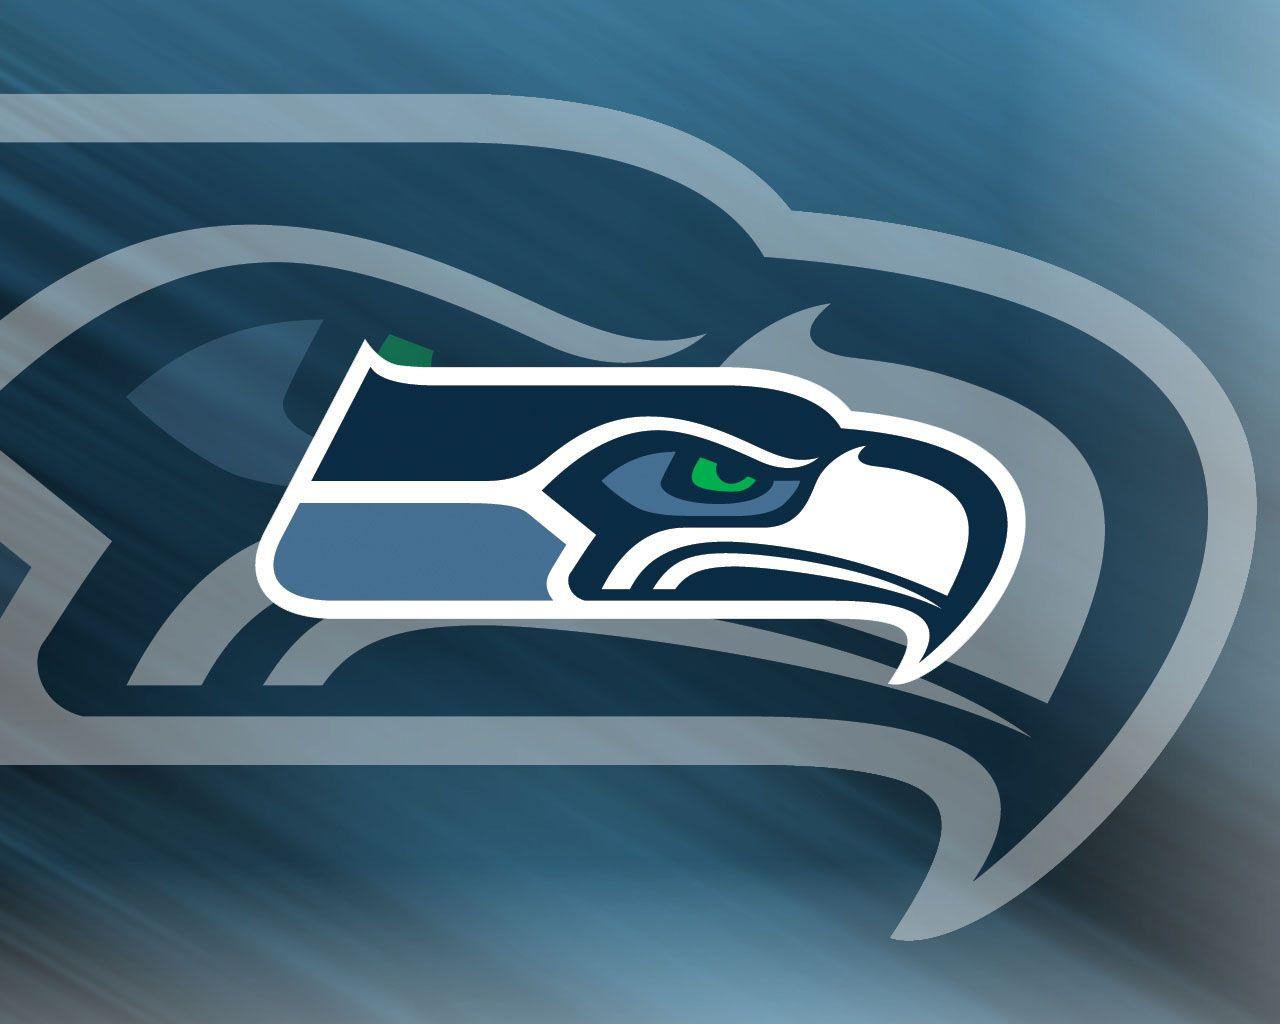 Football Wallpapers Seattle Seahawks Desktop Backgrounds 1280x1024